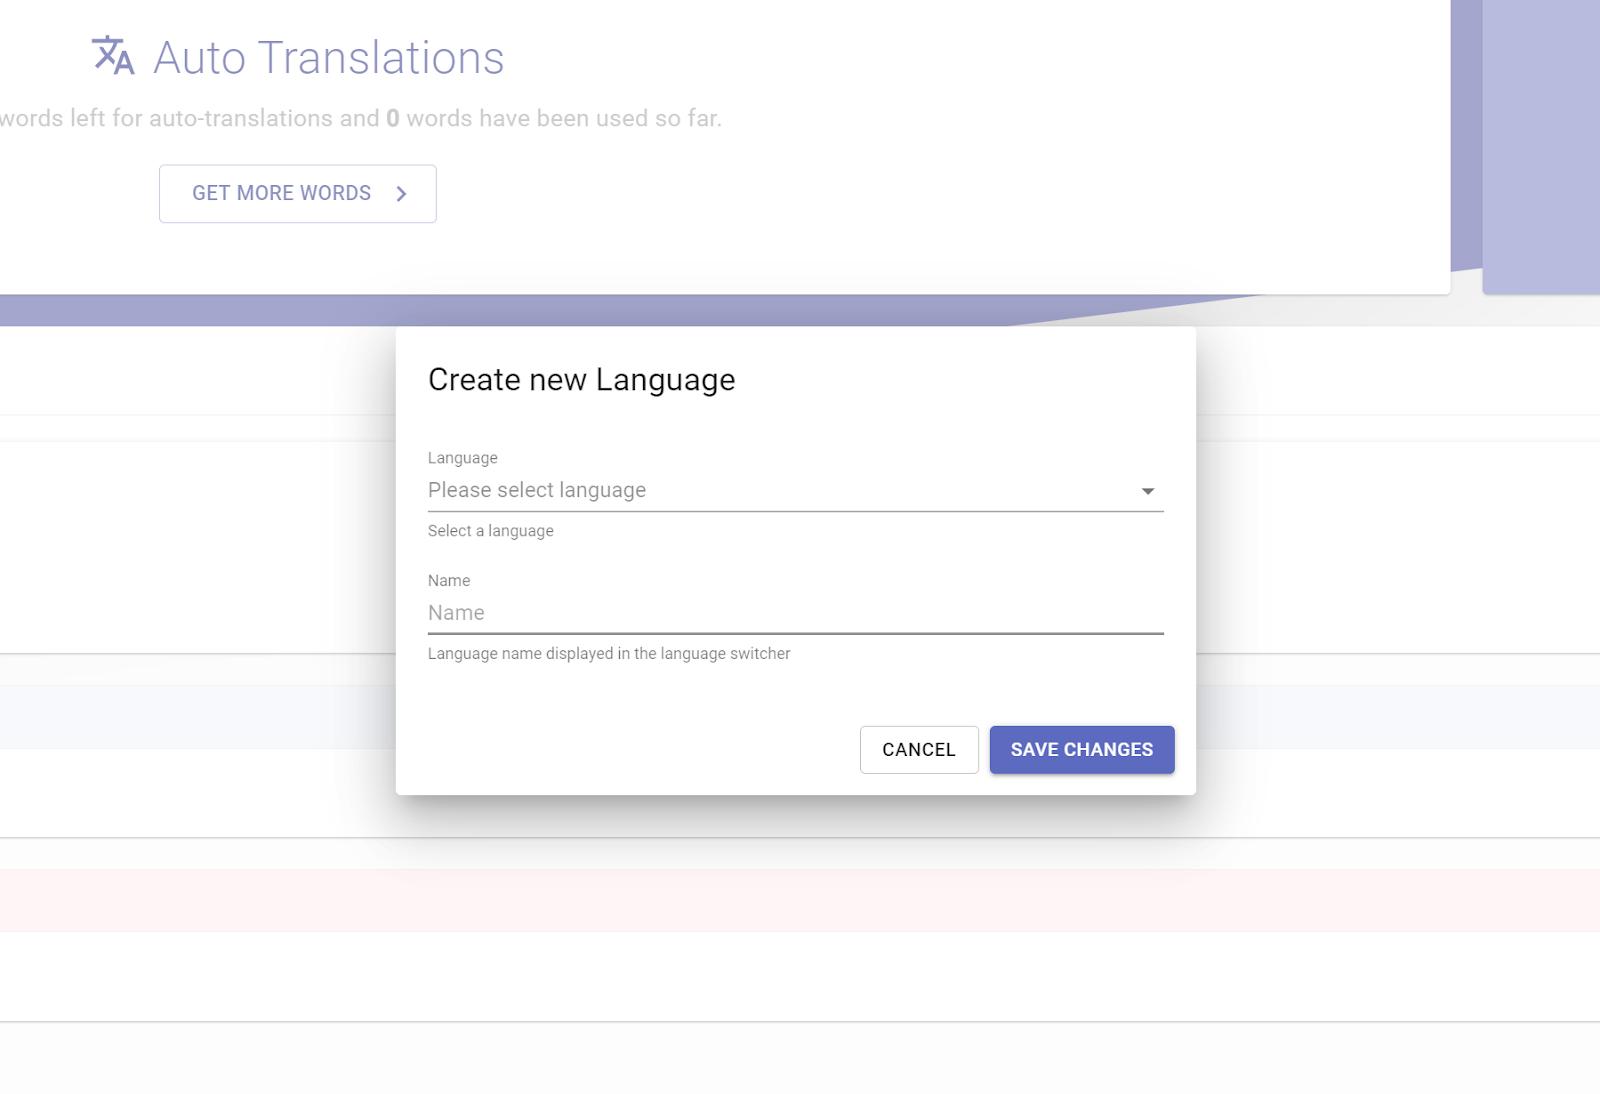 言語選択画像